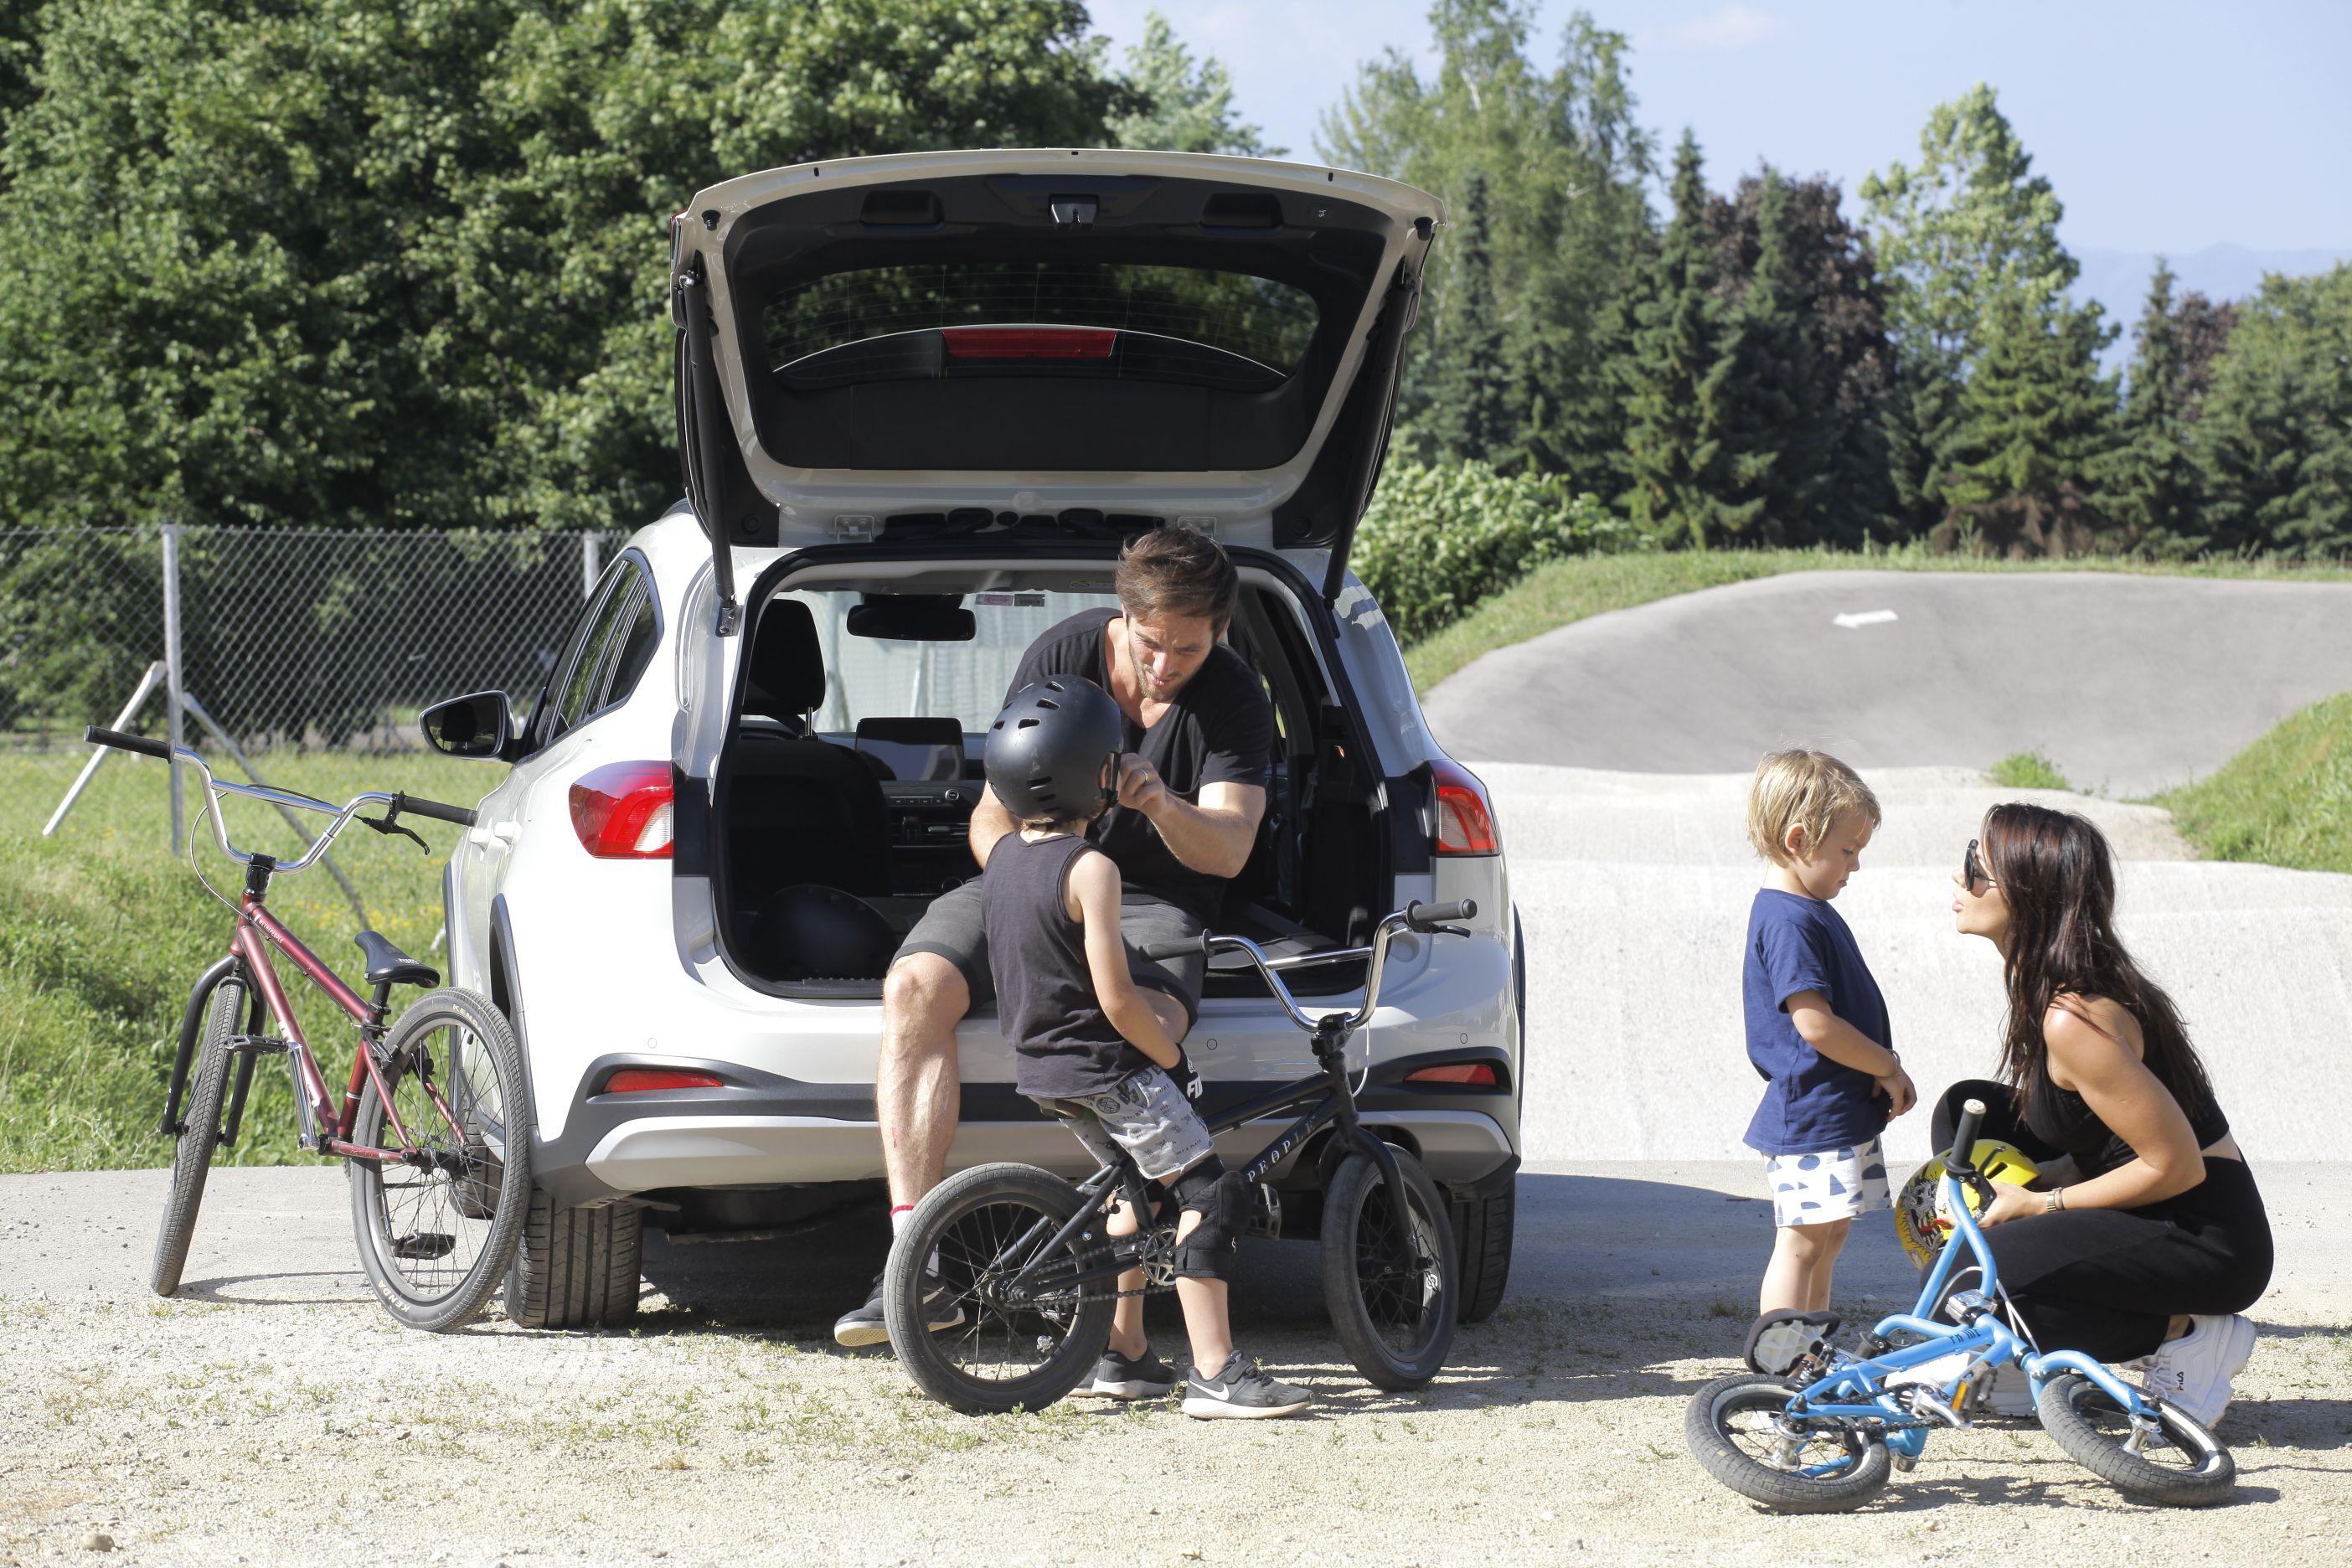 Fiesta in Focus Active, S-max: Dinamičen avto za dinamične družine